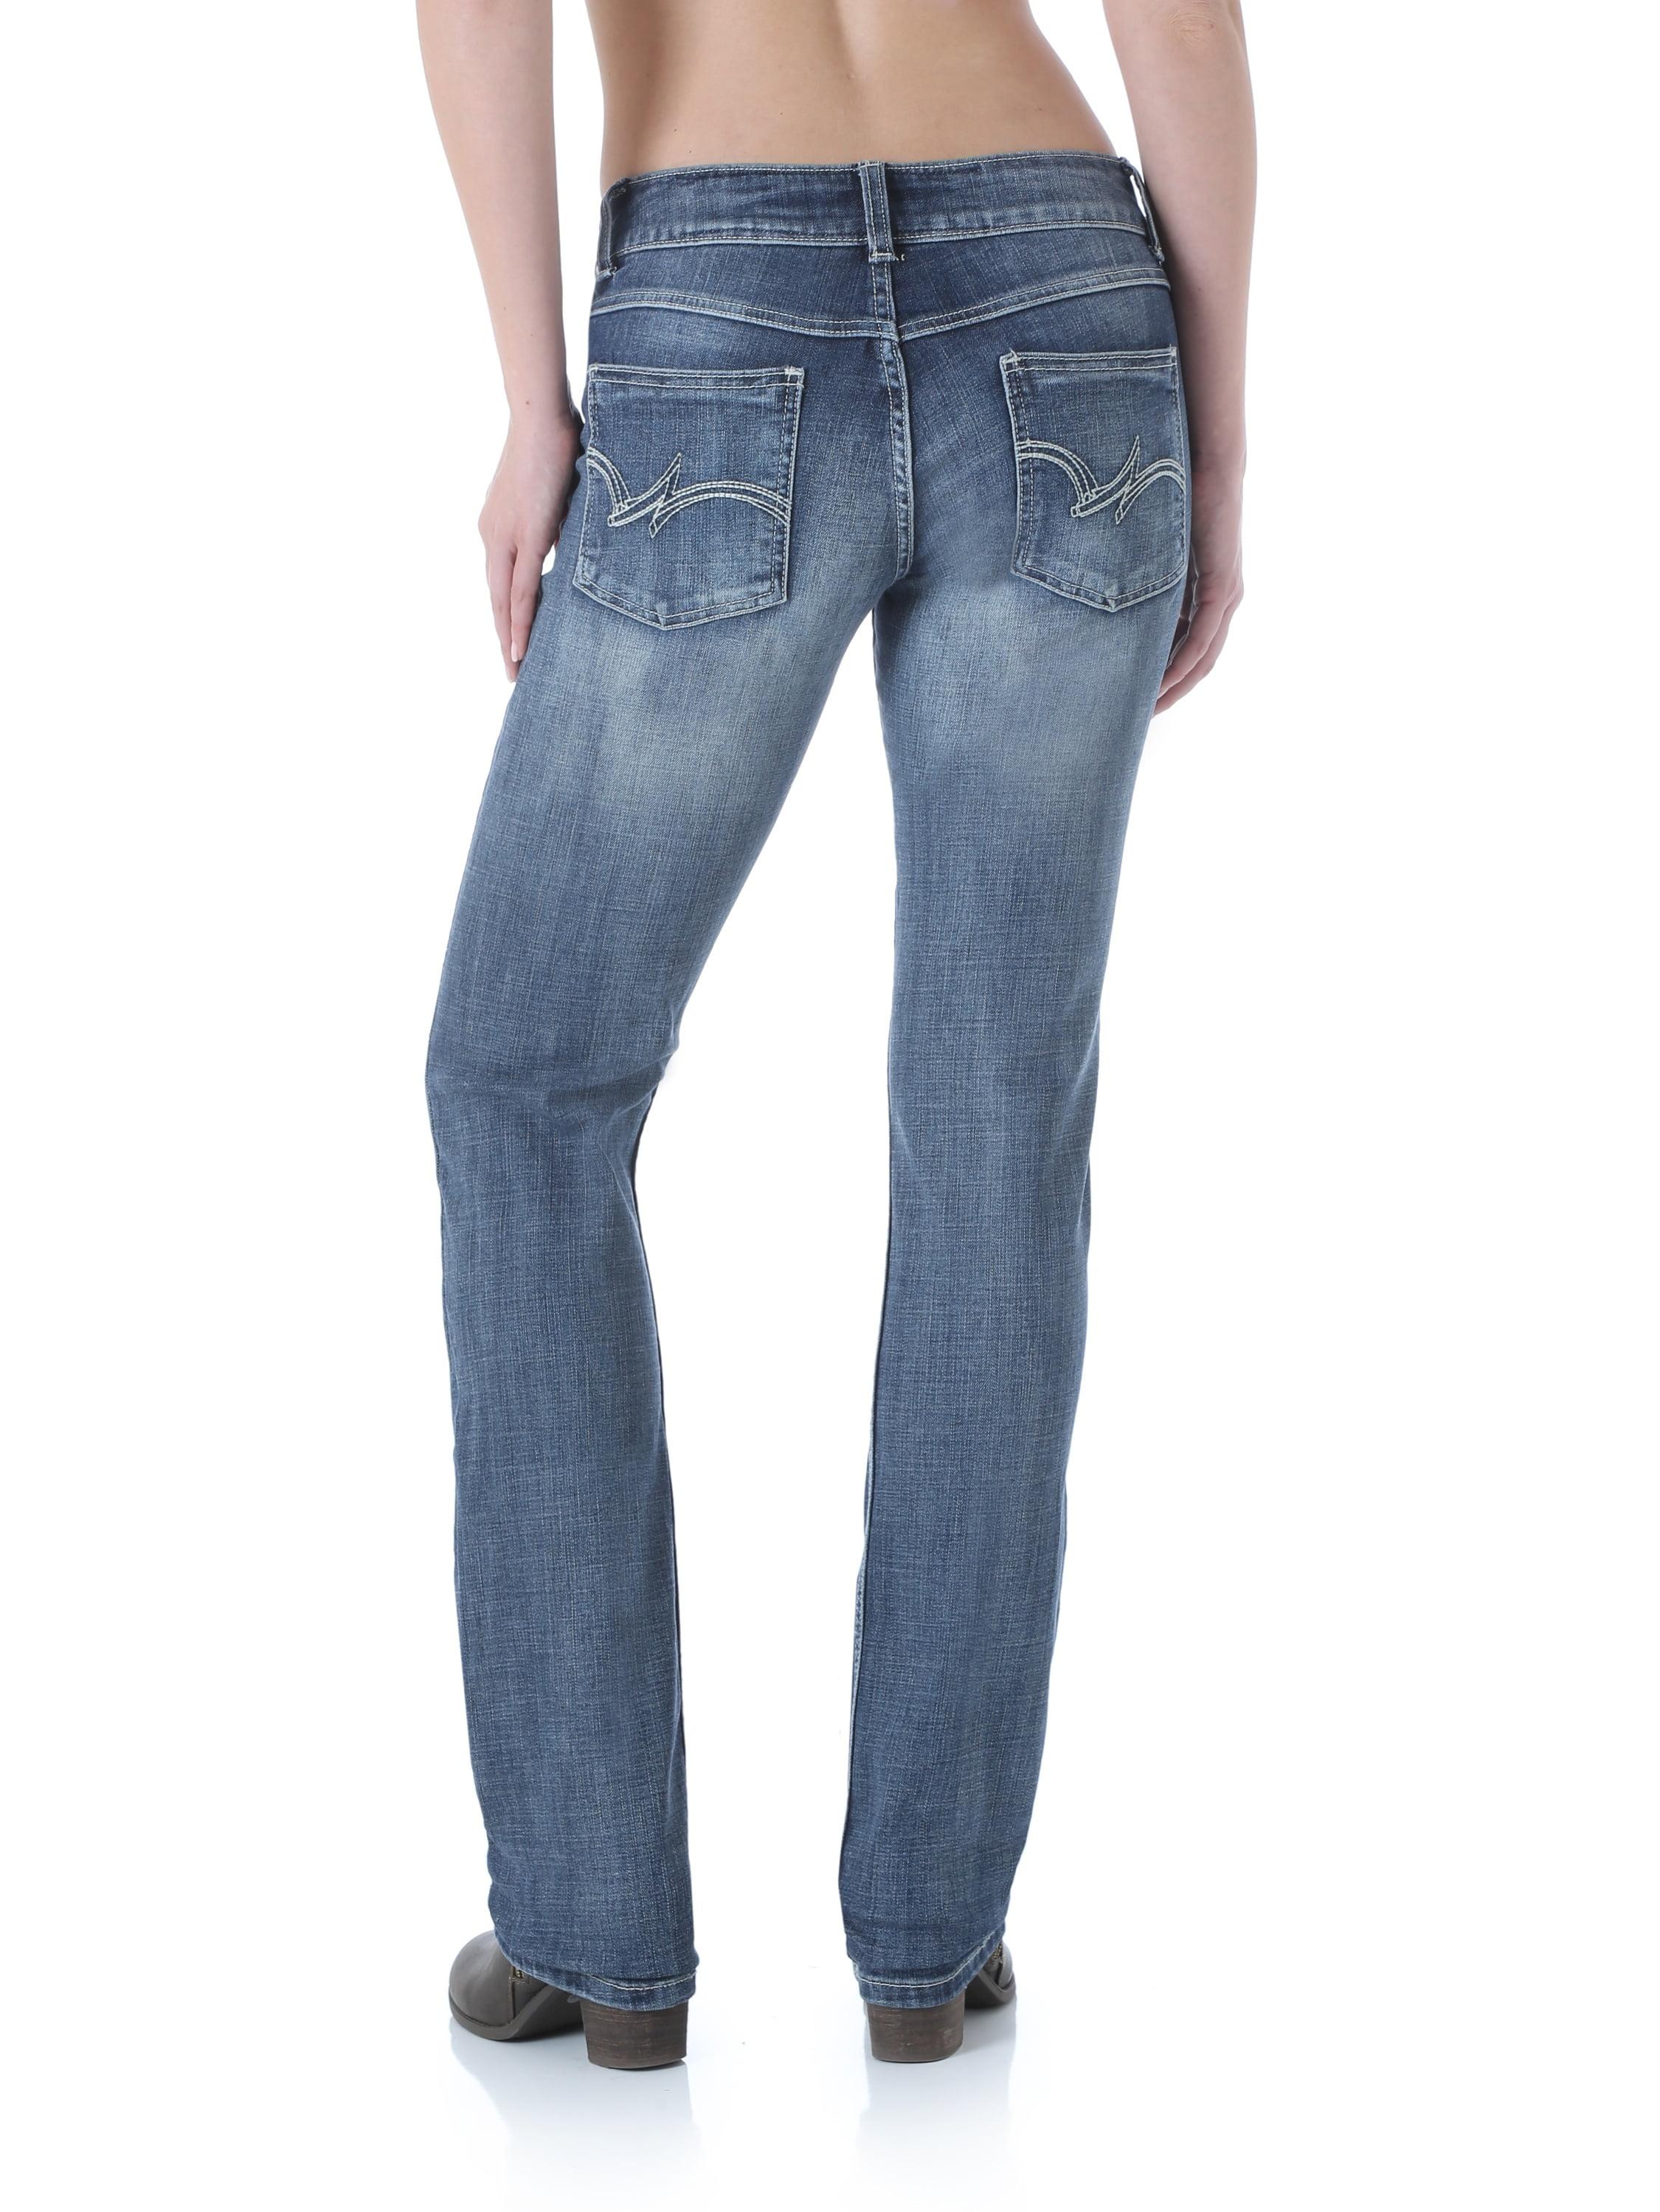 172630639d7 Wrangler - Wrangler Women's Dark Wash Stretch Mid Rise Straight Leg Jeans -  Walmart.com